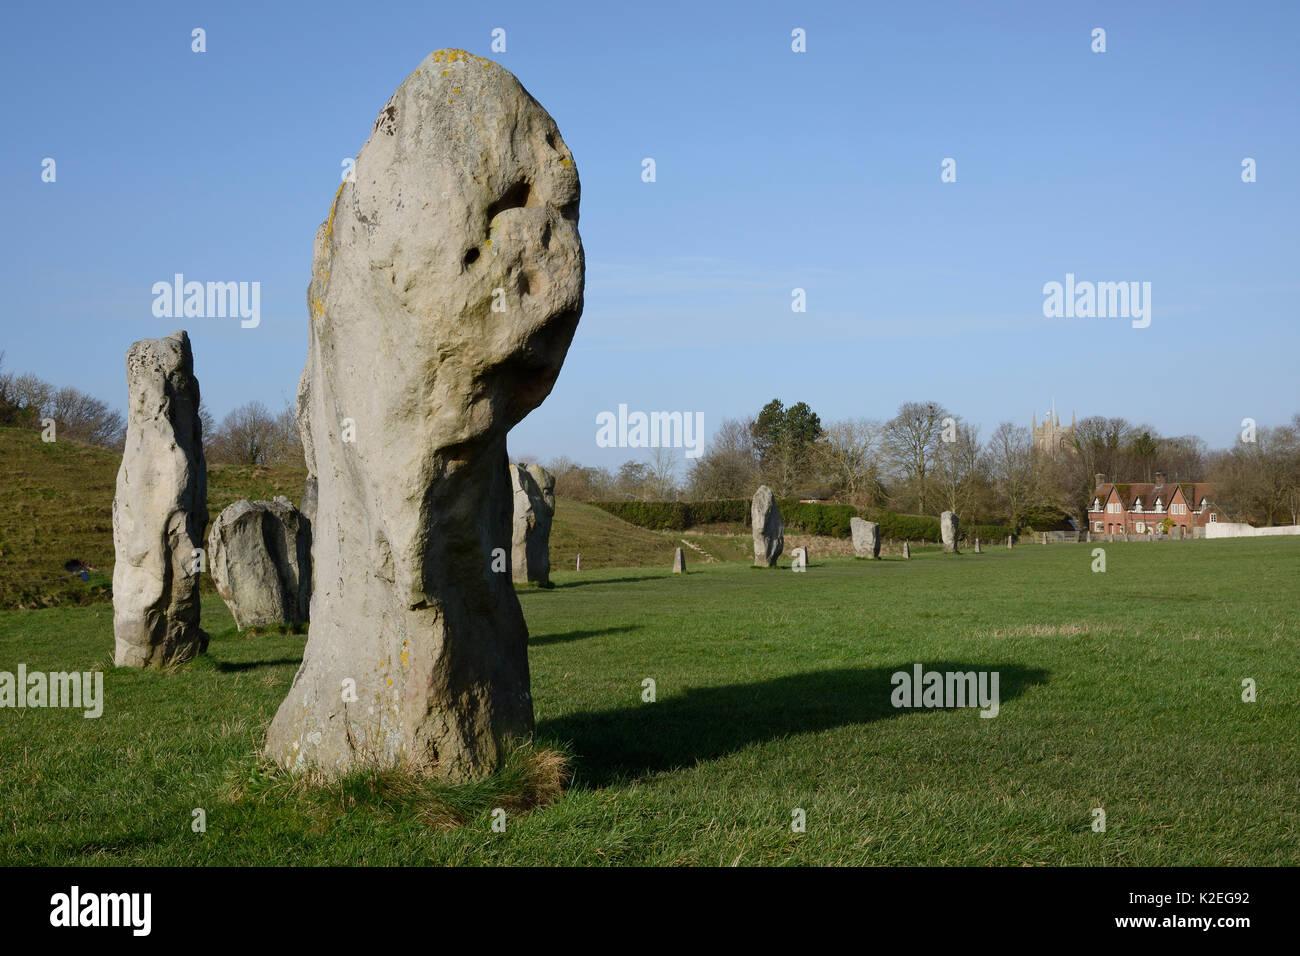 Neolithic megaliths, Avebury Stone Circle, Wiltshire, UK, February 2014. - Stock Image